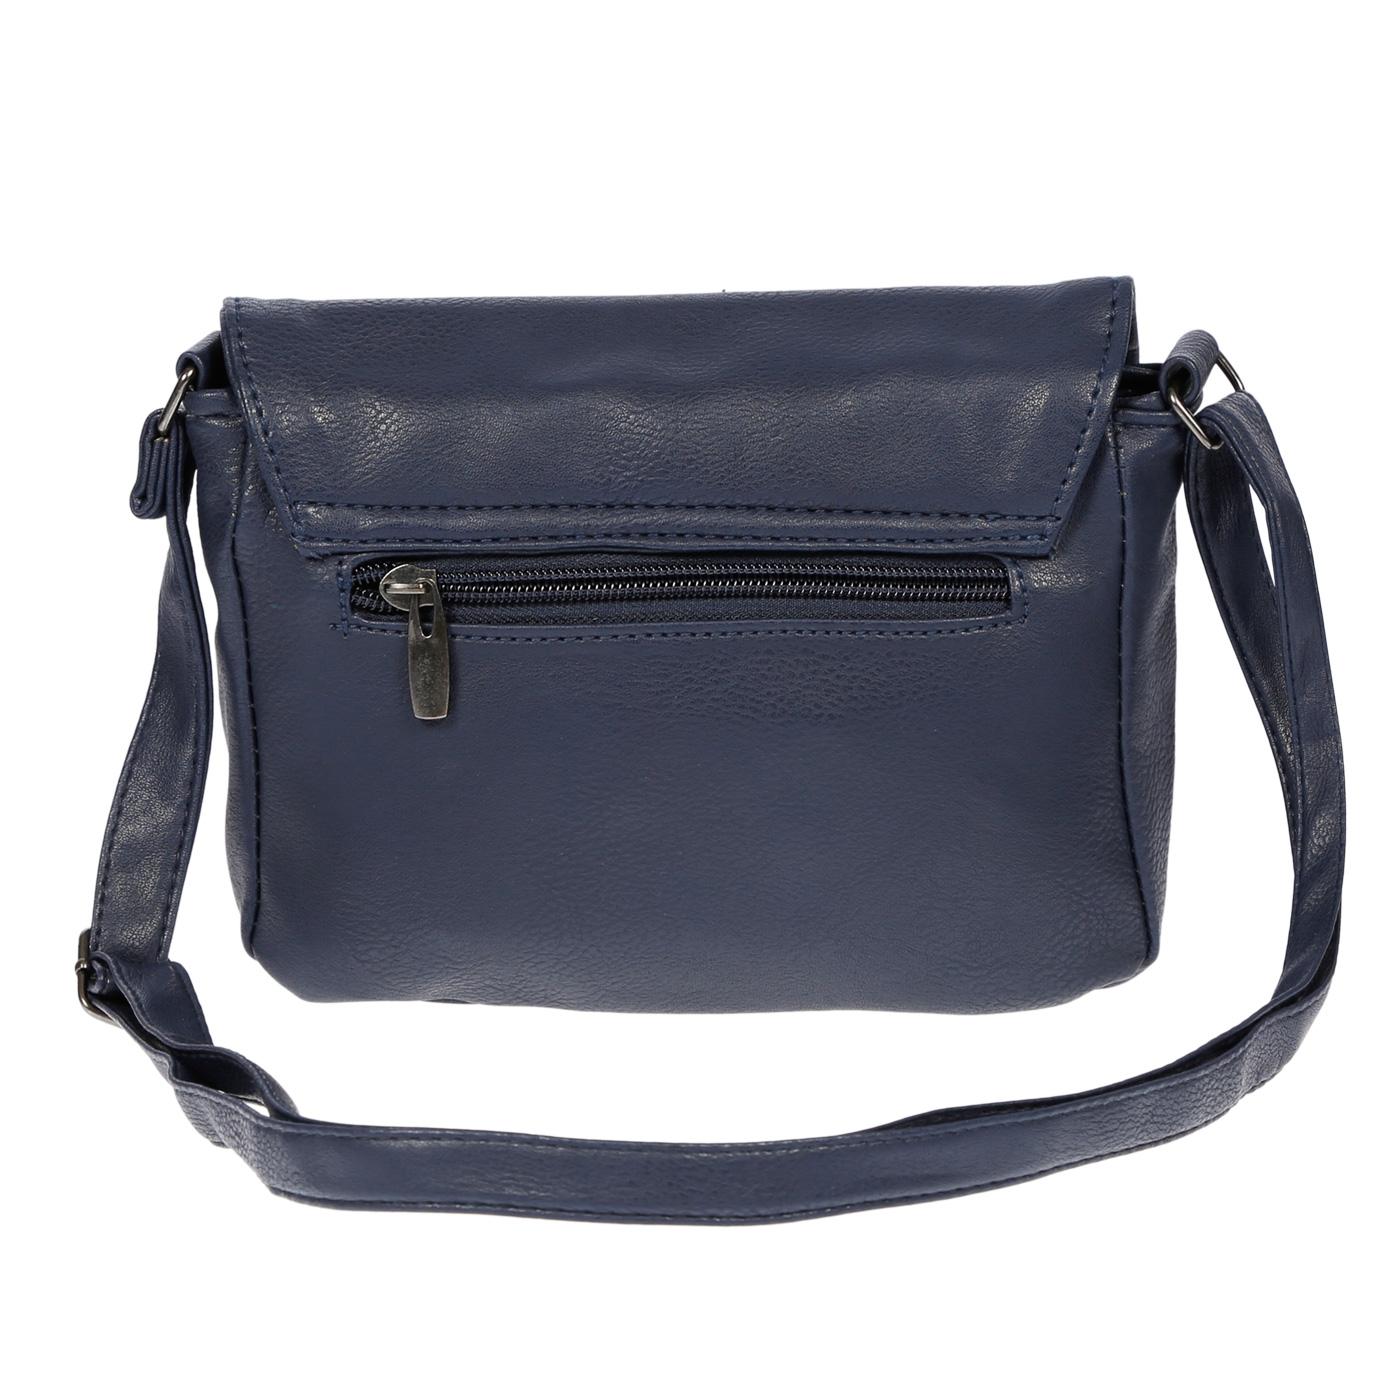 Kleine-Damen-Tasche-Umhaengetasche-Schultertasche-Crossover-Bag-Leder-Optik-NEU Indexbild 40